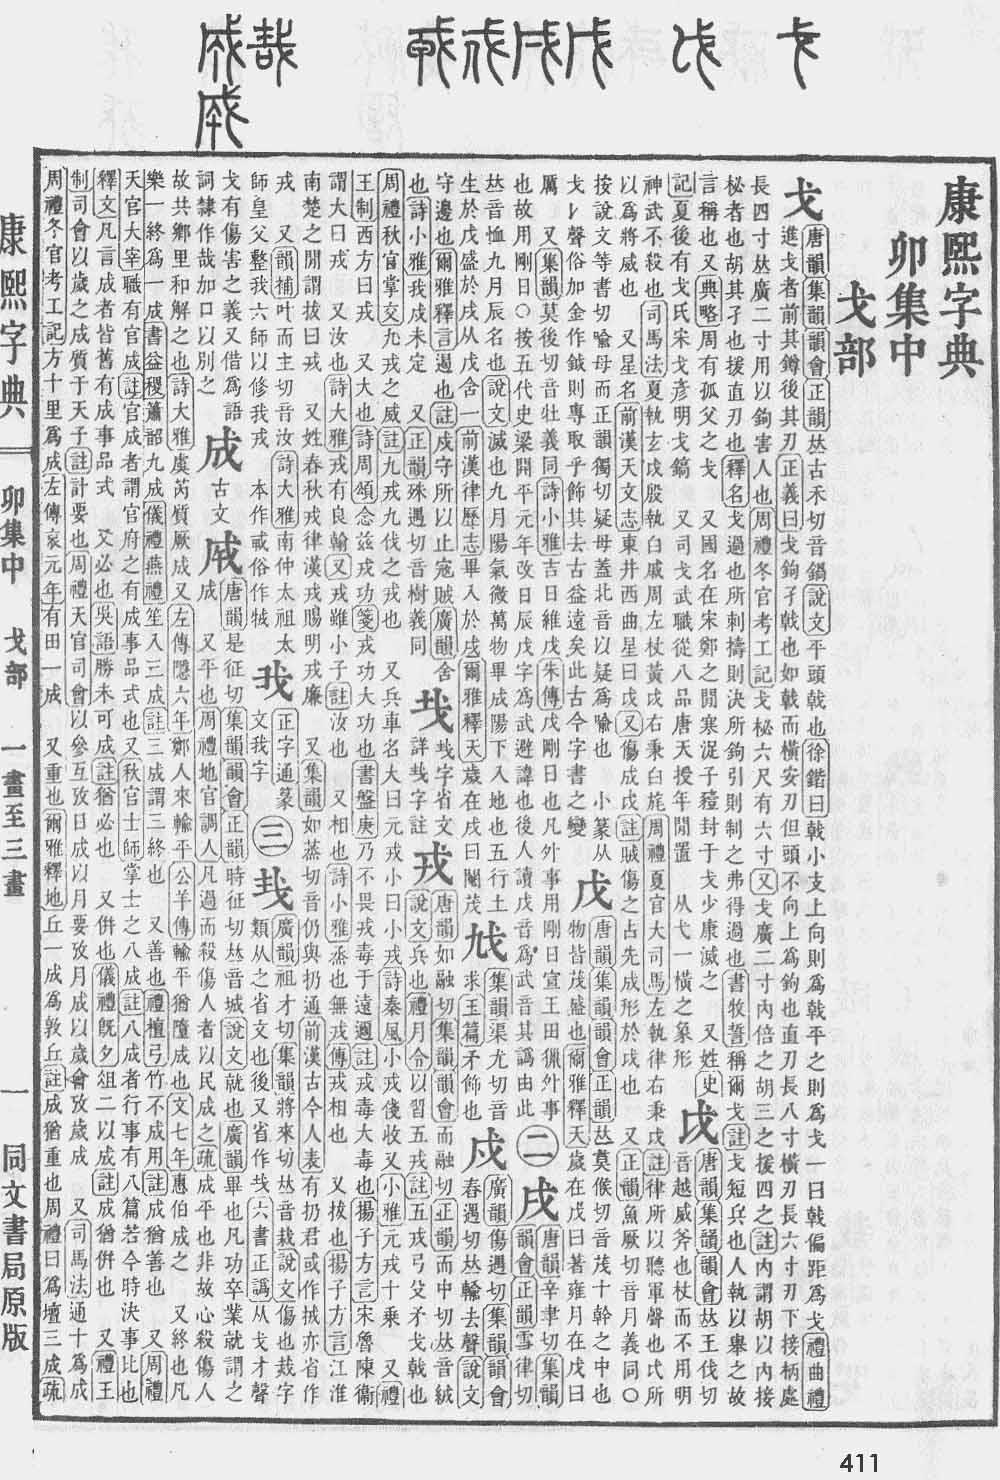 《康熙字典》第411页